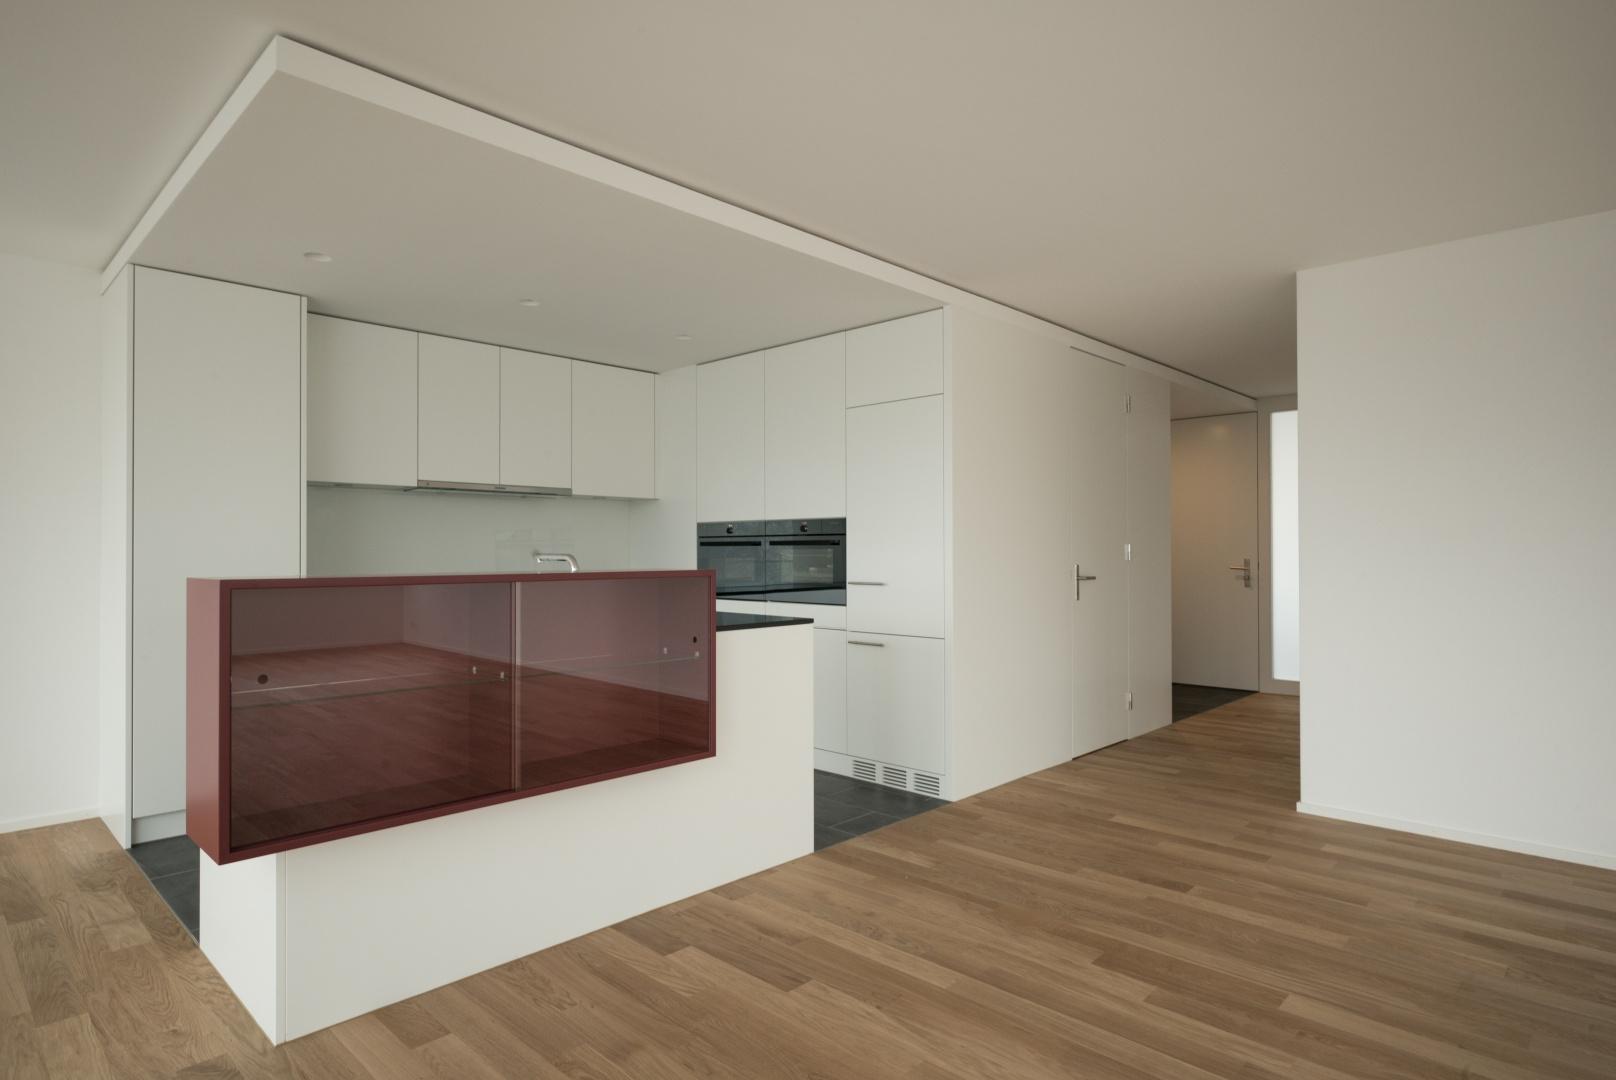 Küchenelement mit Reduit und Eingang © www.hansjoergbetschart.ch